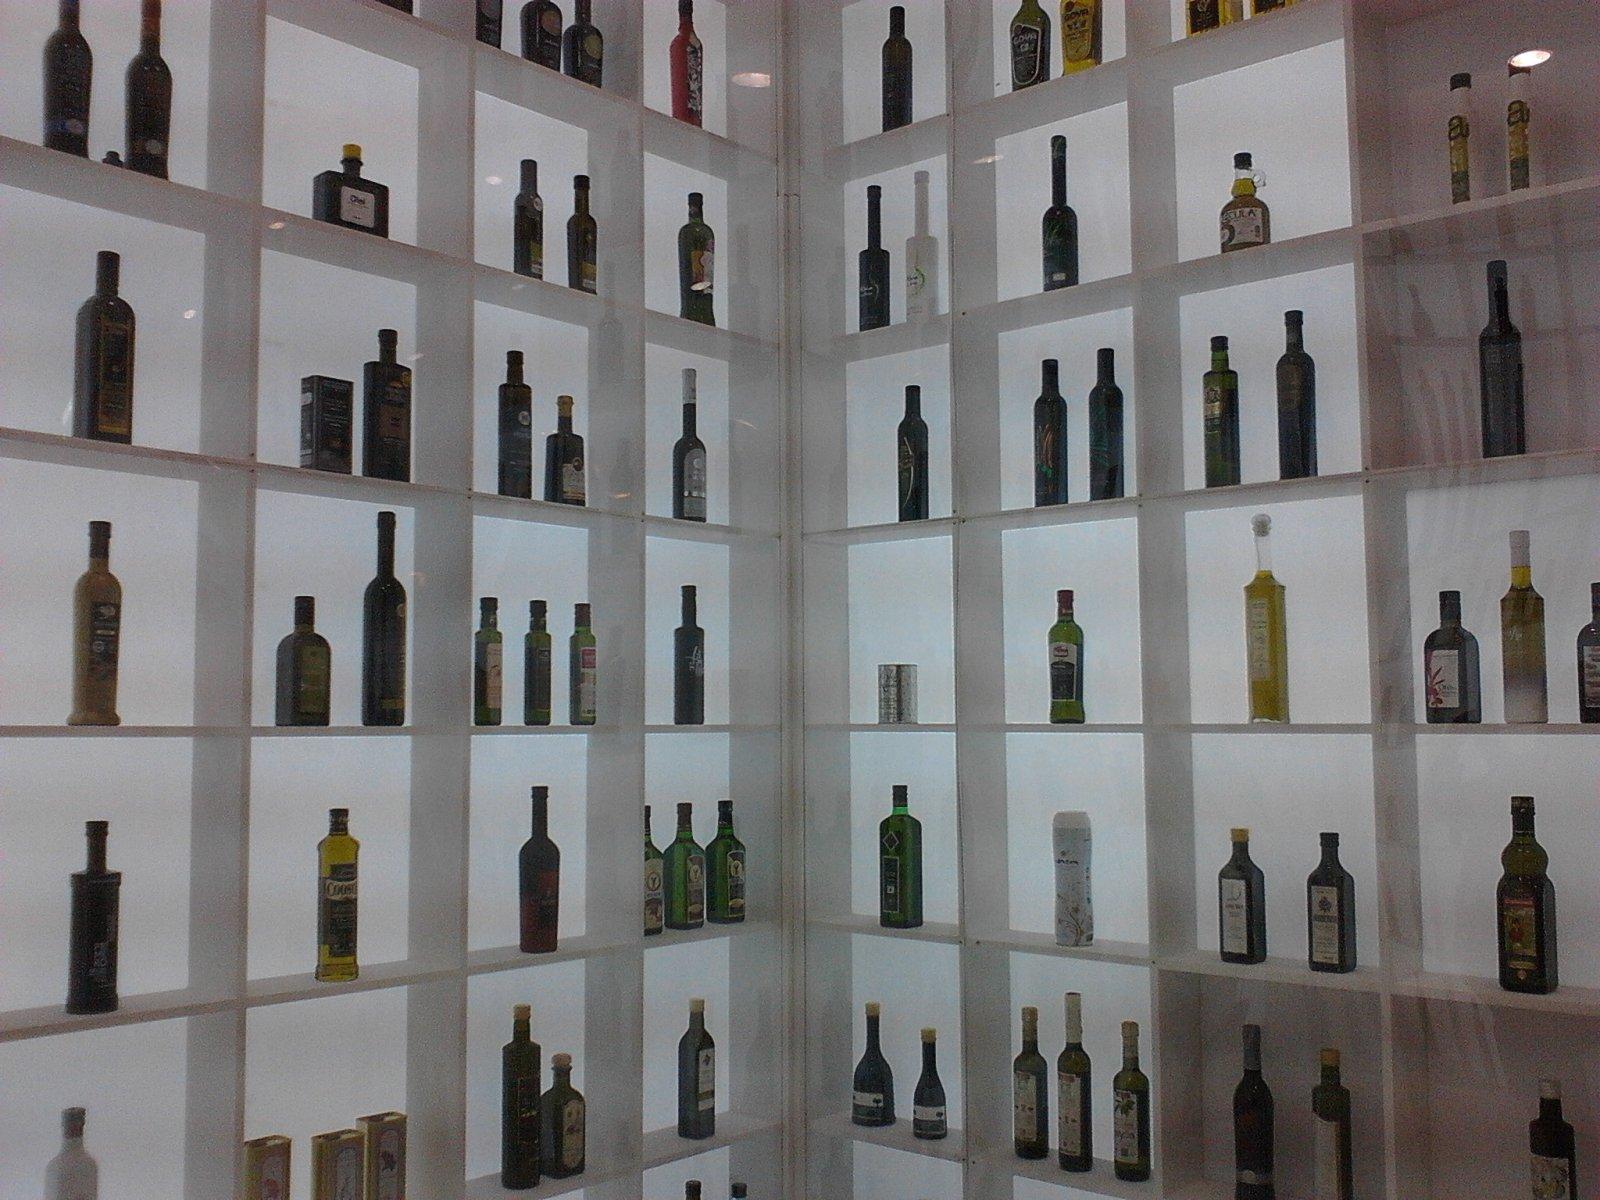 aceite-oliva-salon-gourmet14